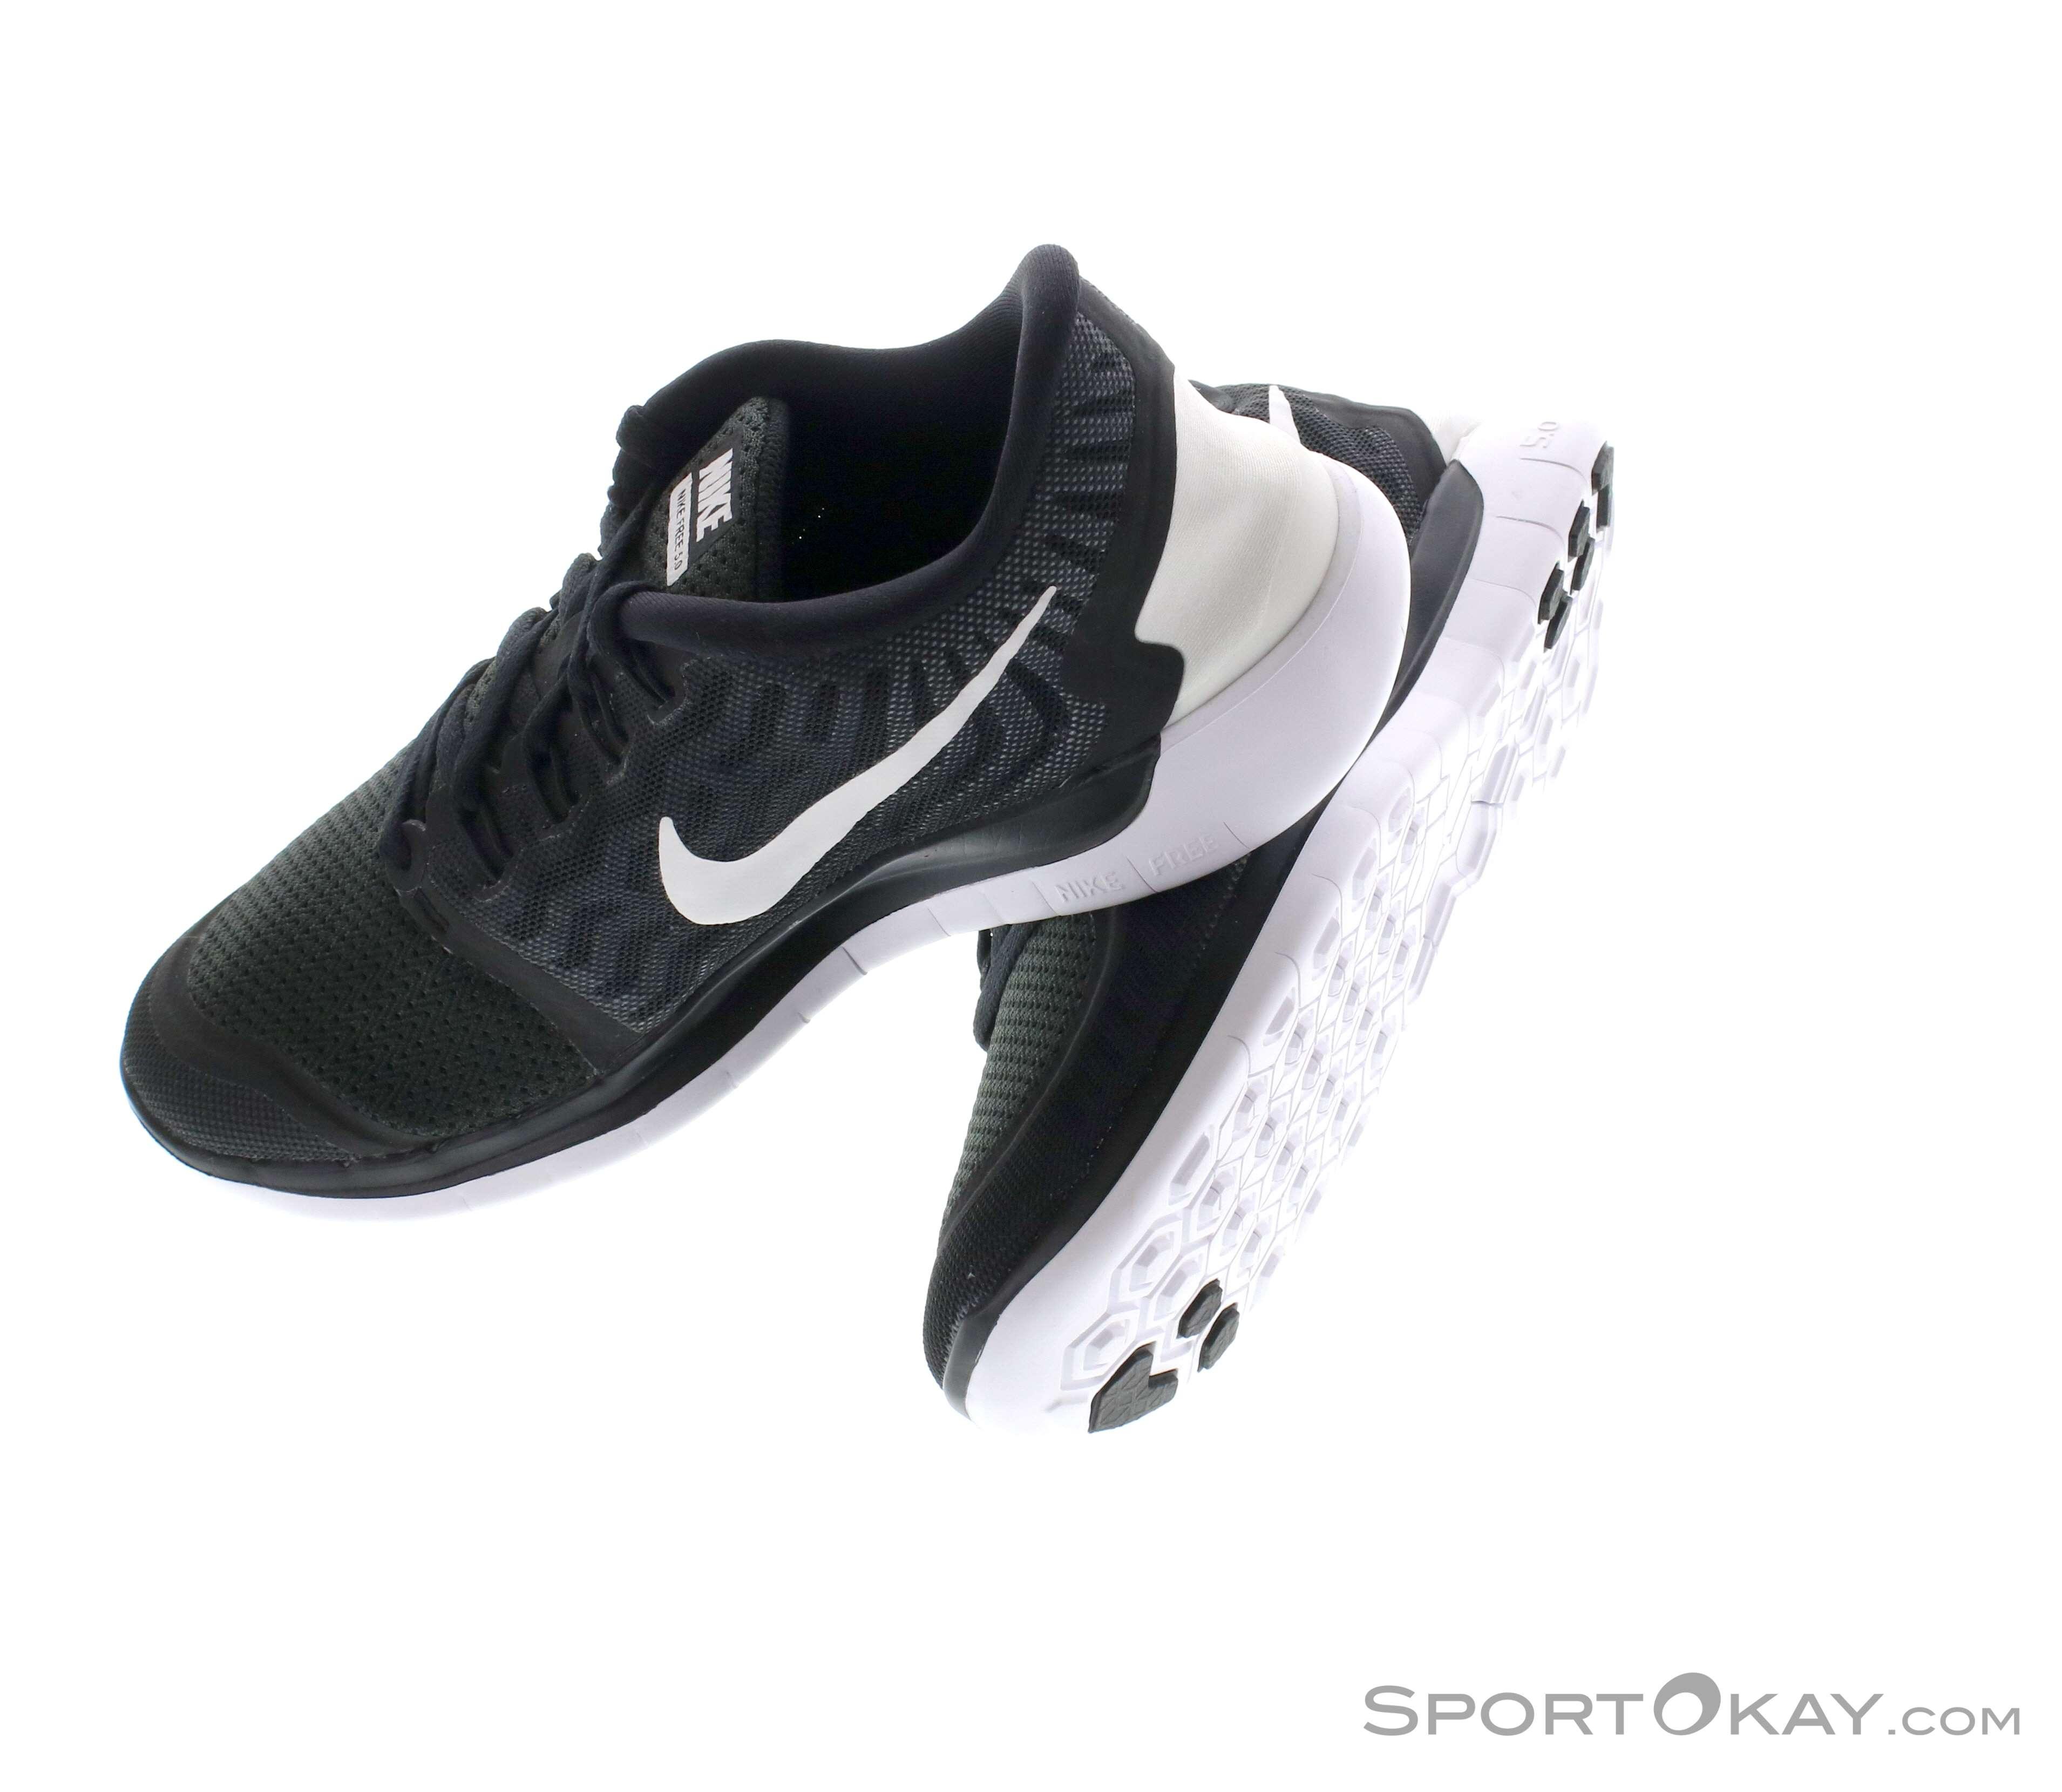 Nike Free 5.0 Donna Scarpe Scarpe Scarpe da In esecuzione Scarpe da ginnastica   db54d8